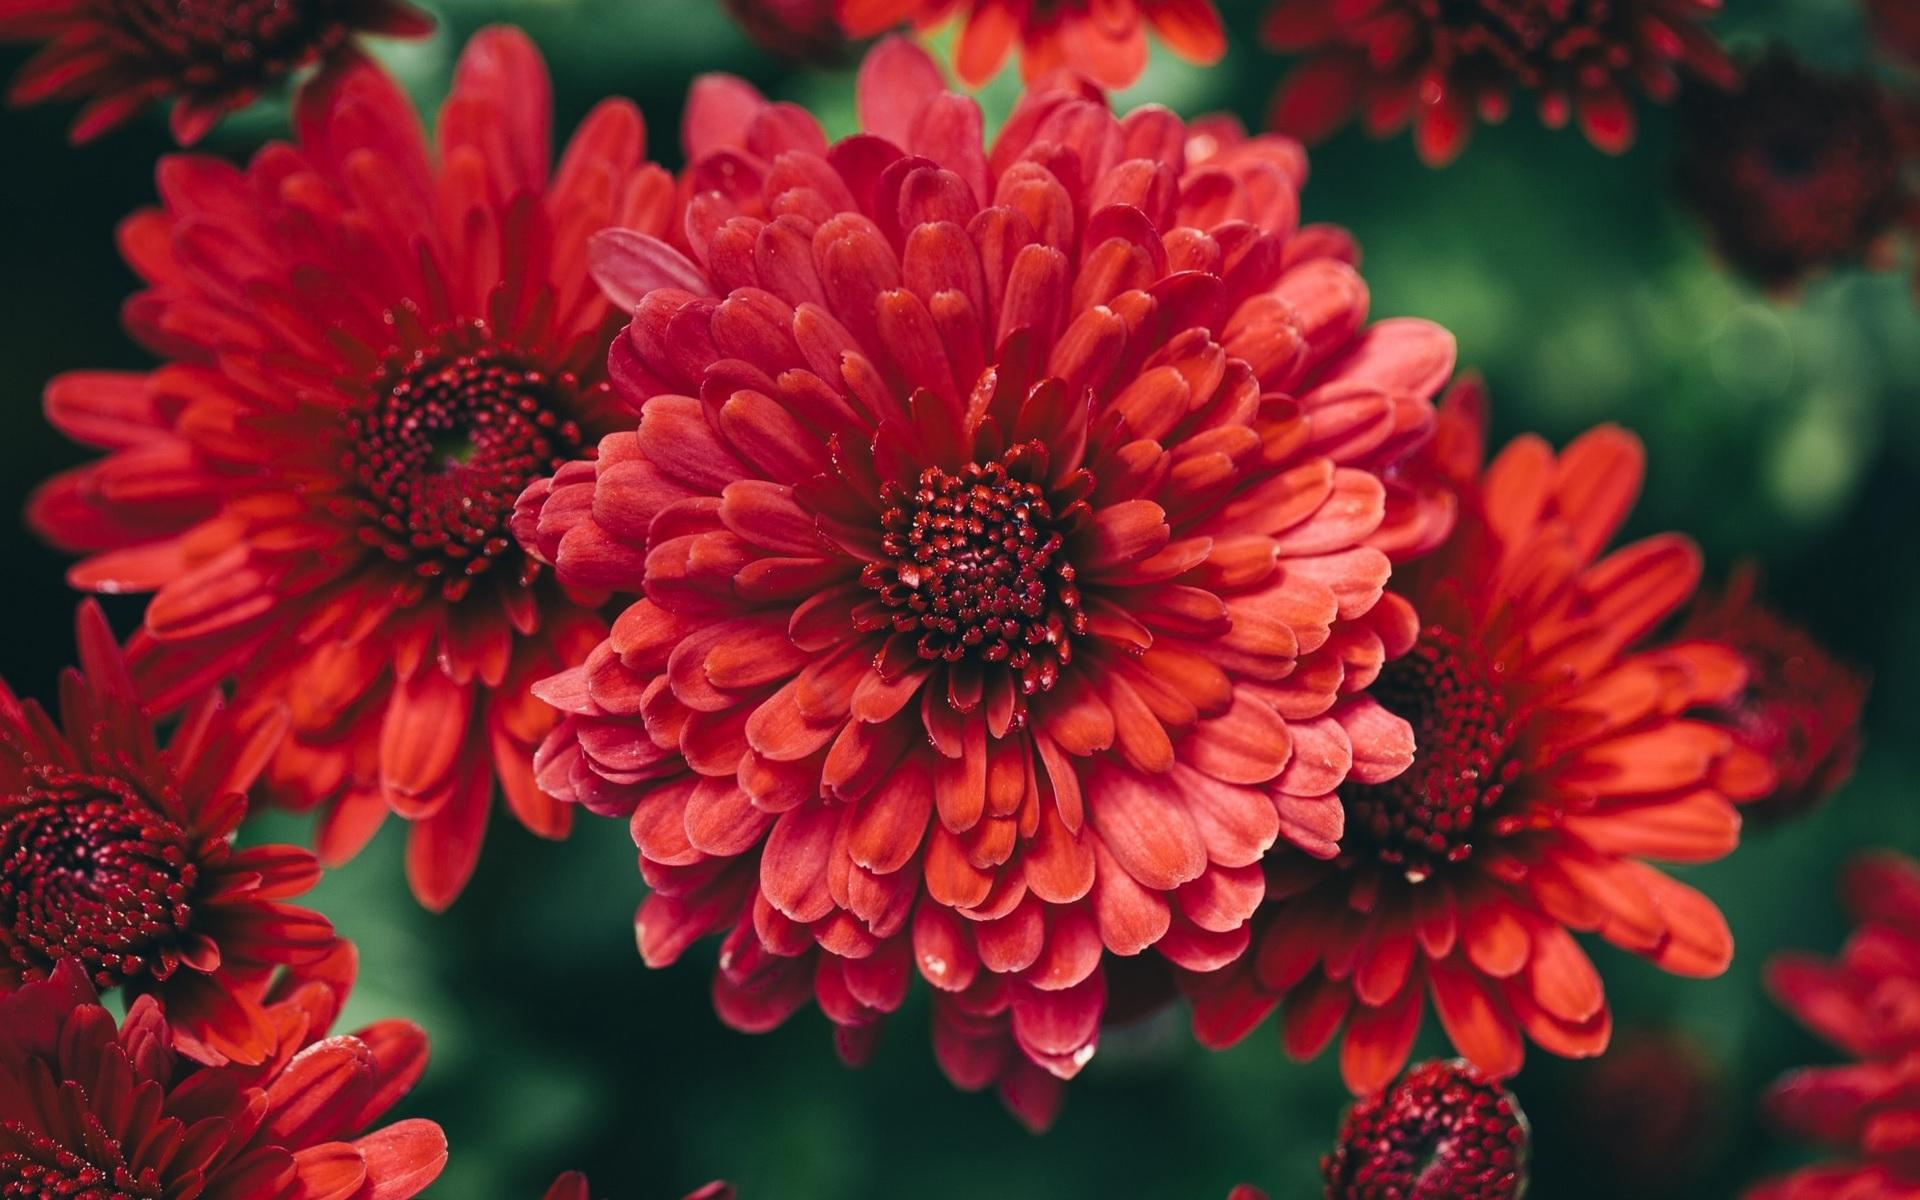 картинки на телефон красивые осенние цветы играть ними было